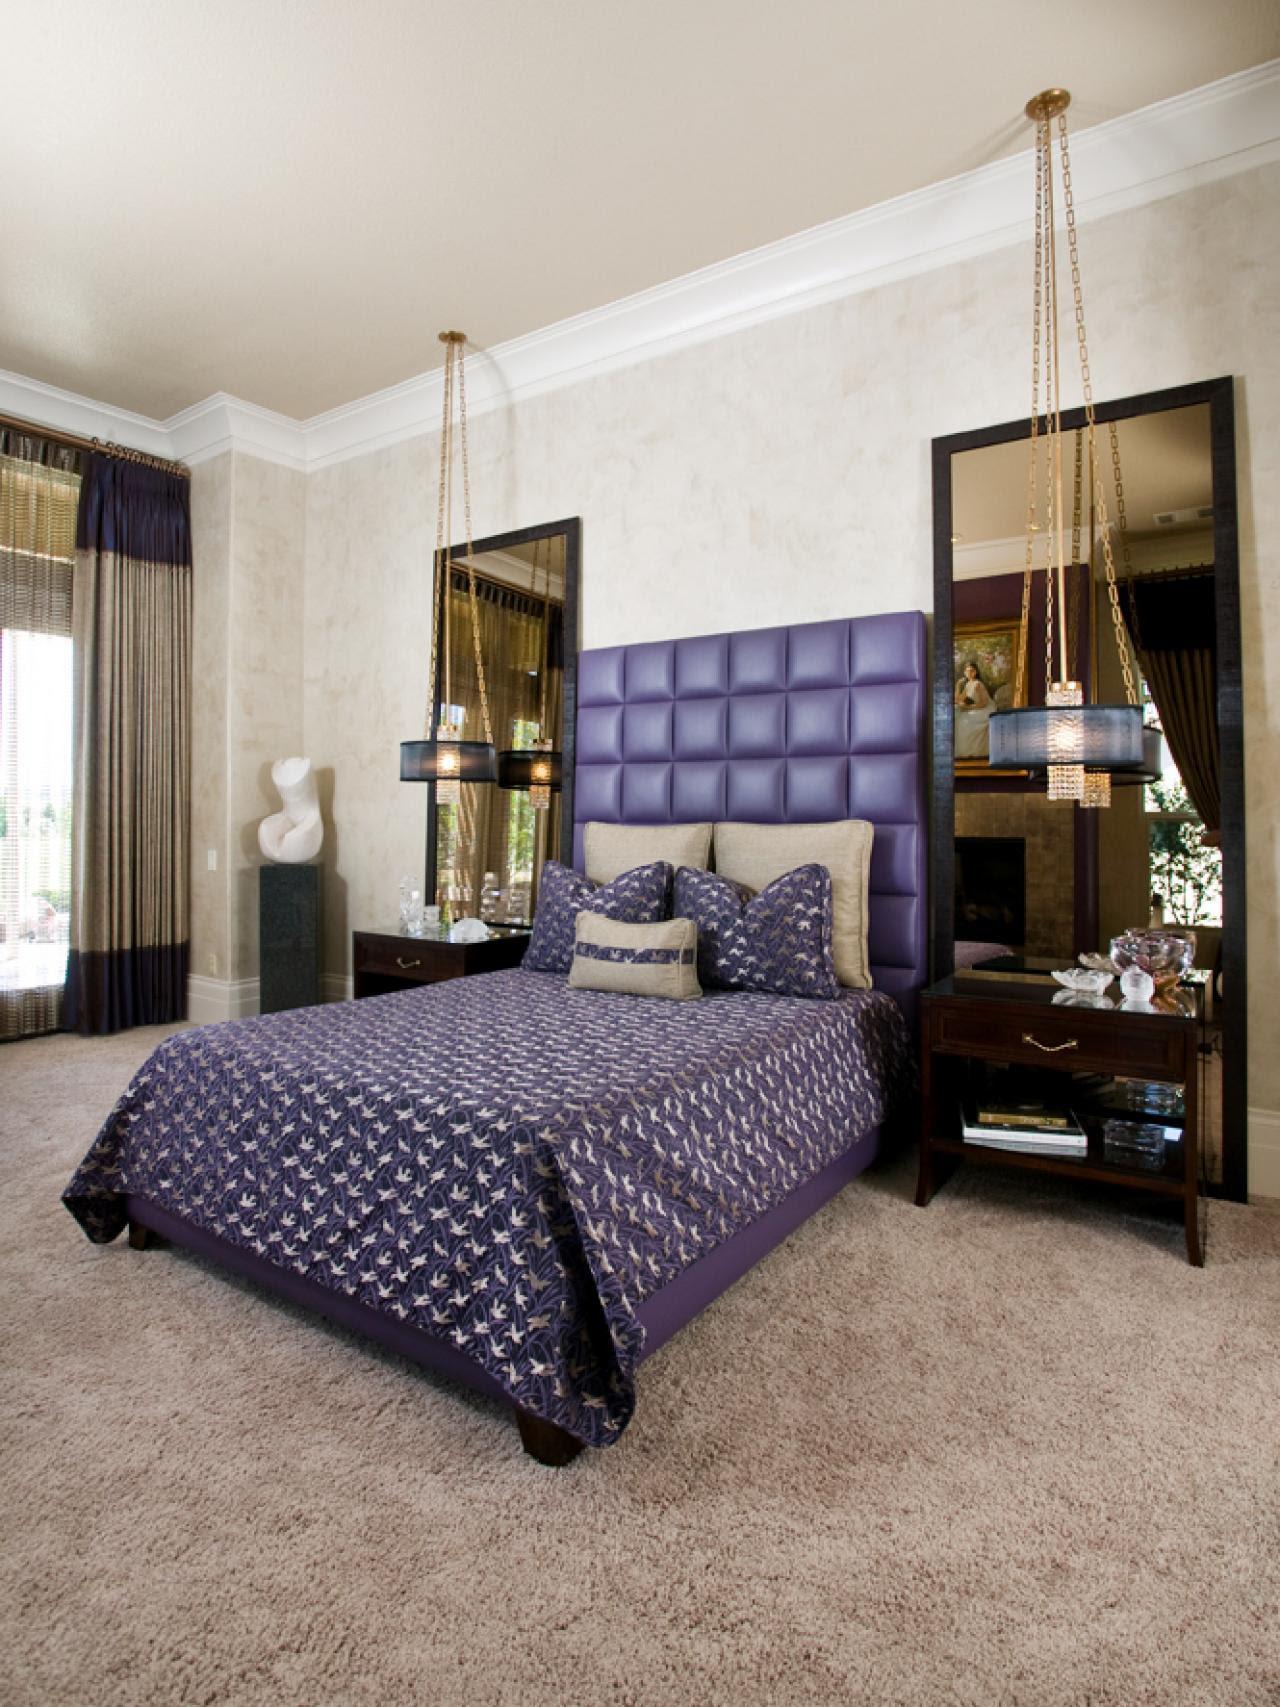 Bedroom Chandelier Lighting | HGTV